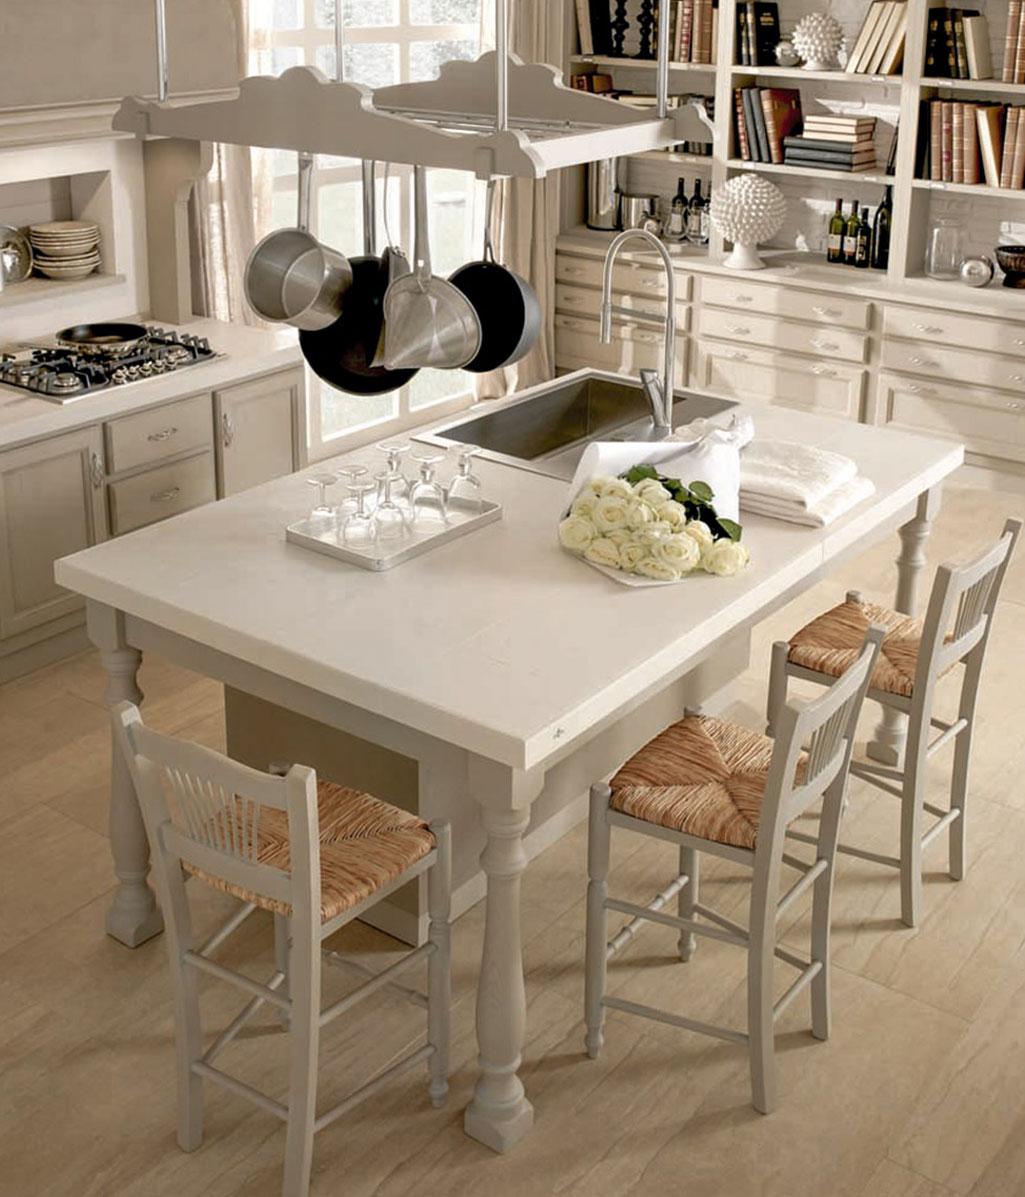 Fabbrica cucine brescia immagini di cucine moderne ad for Outlet cucine brescia